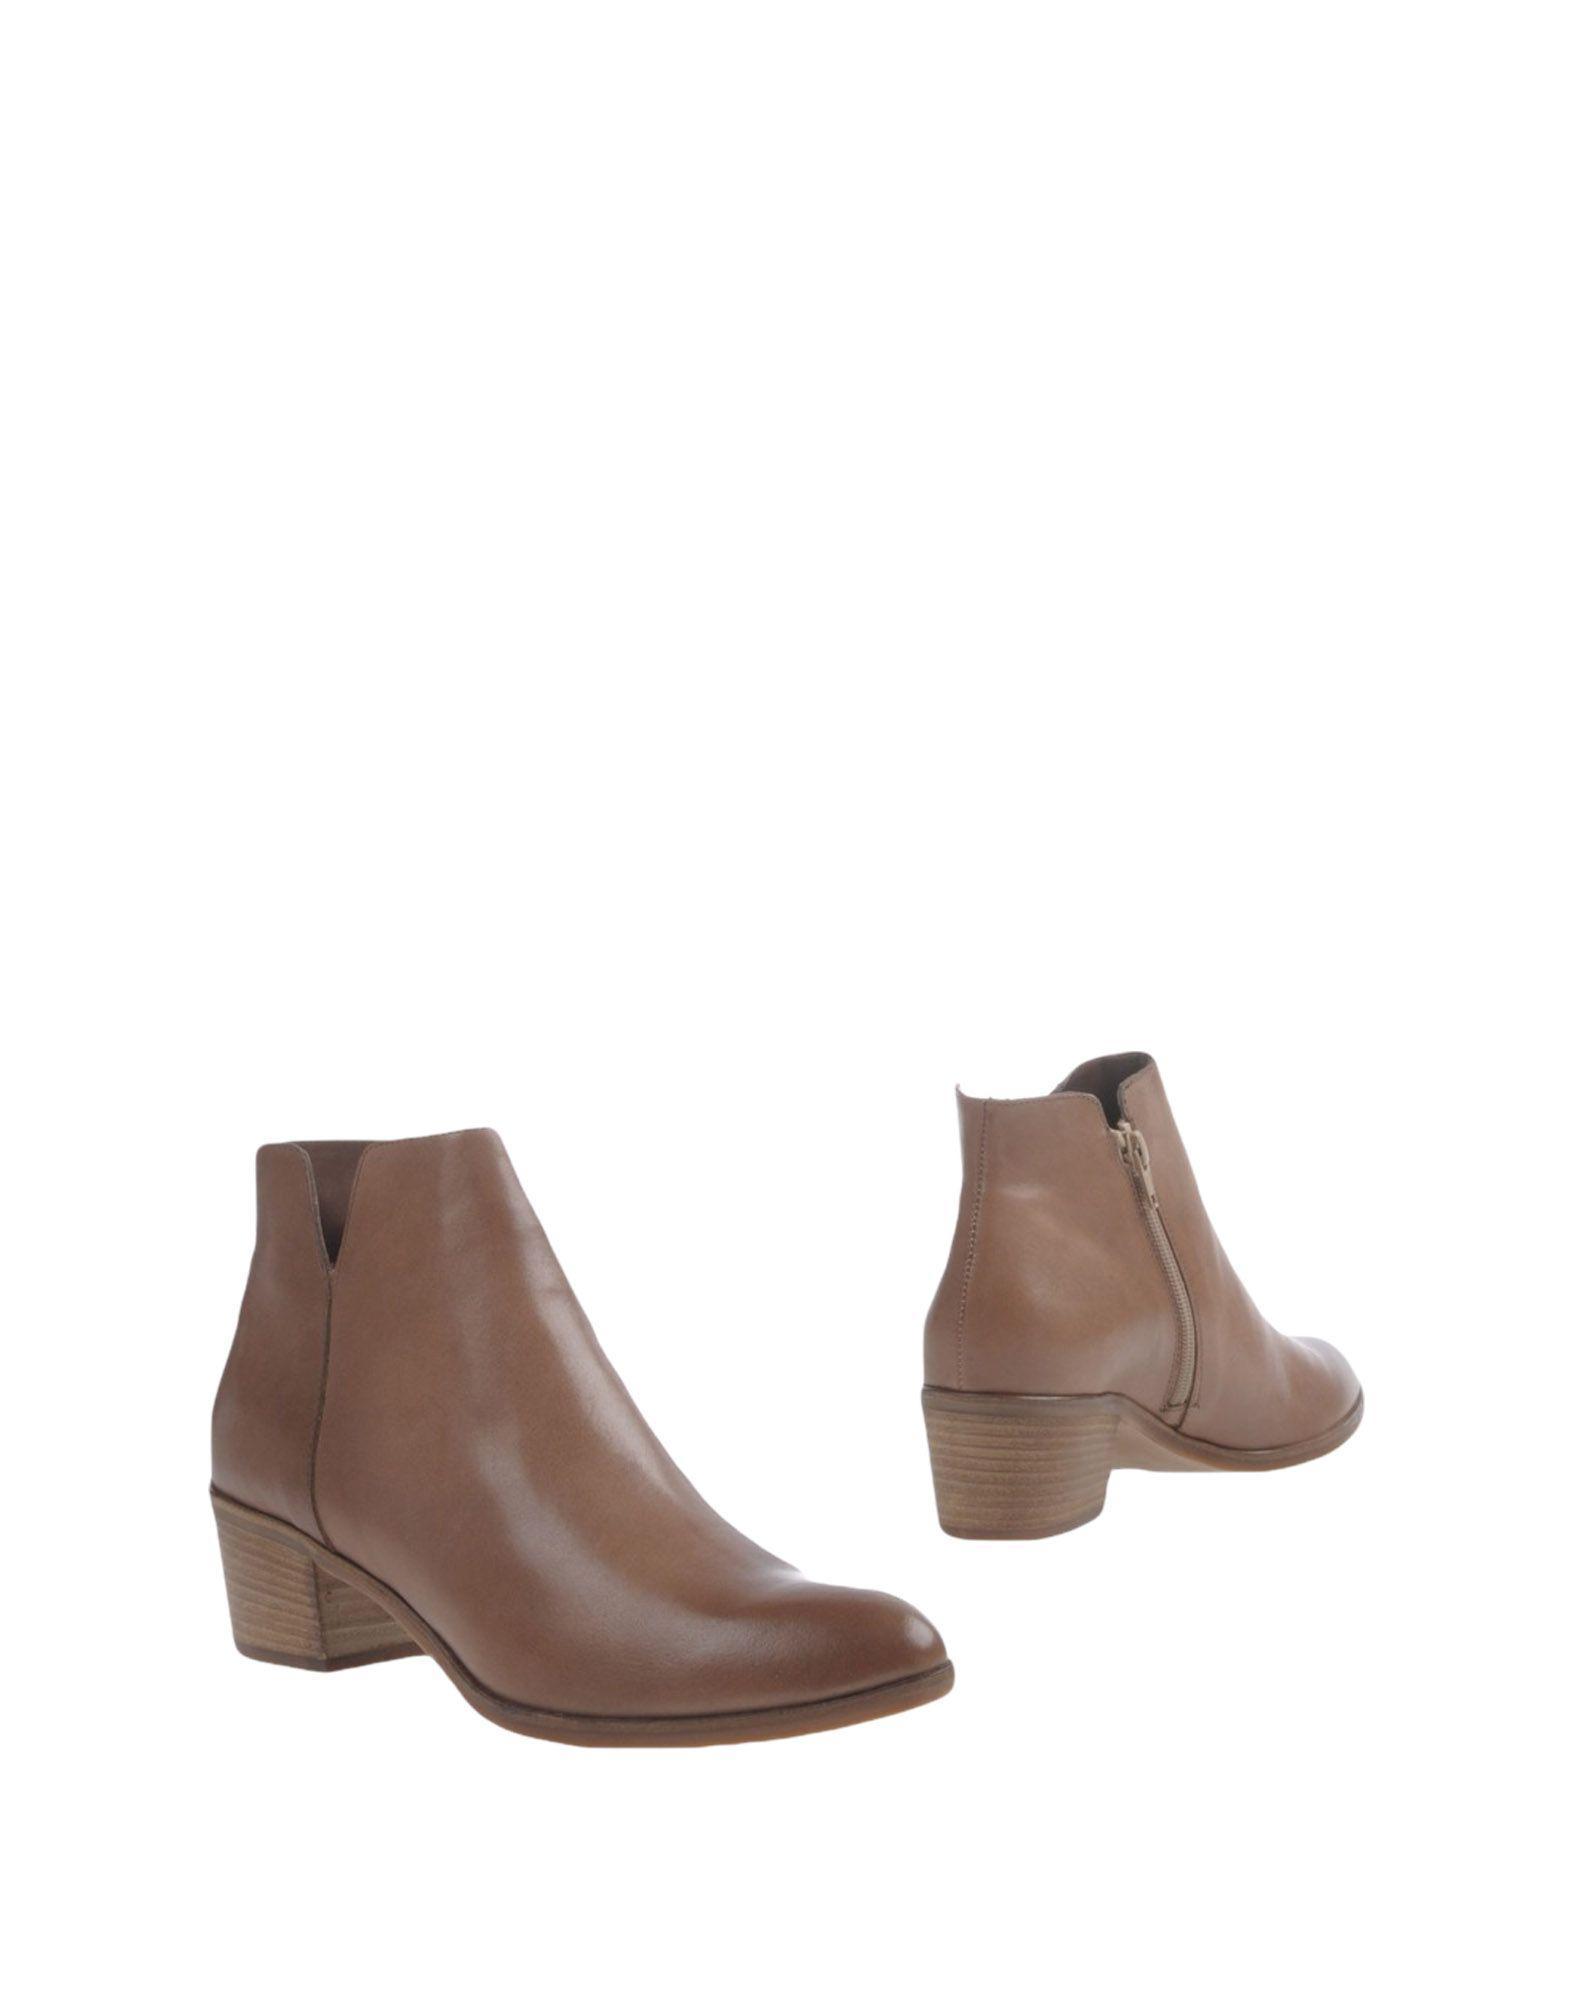 UBI MAJOR Полусапоги и высокие ботинки цены онлайн